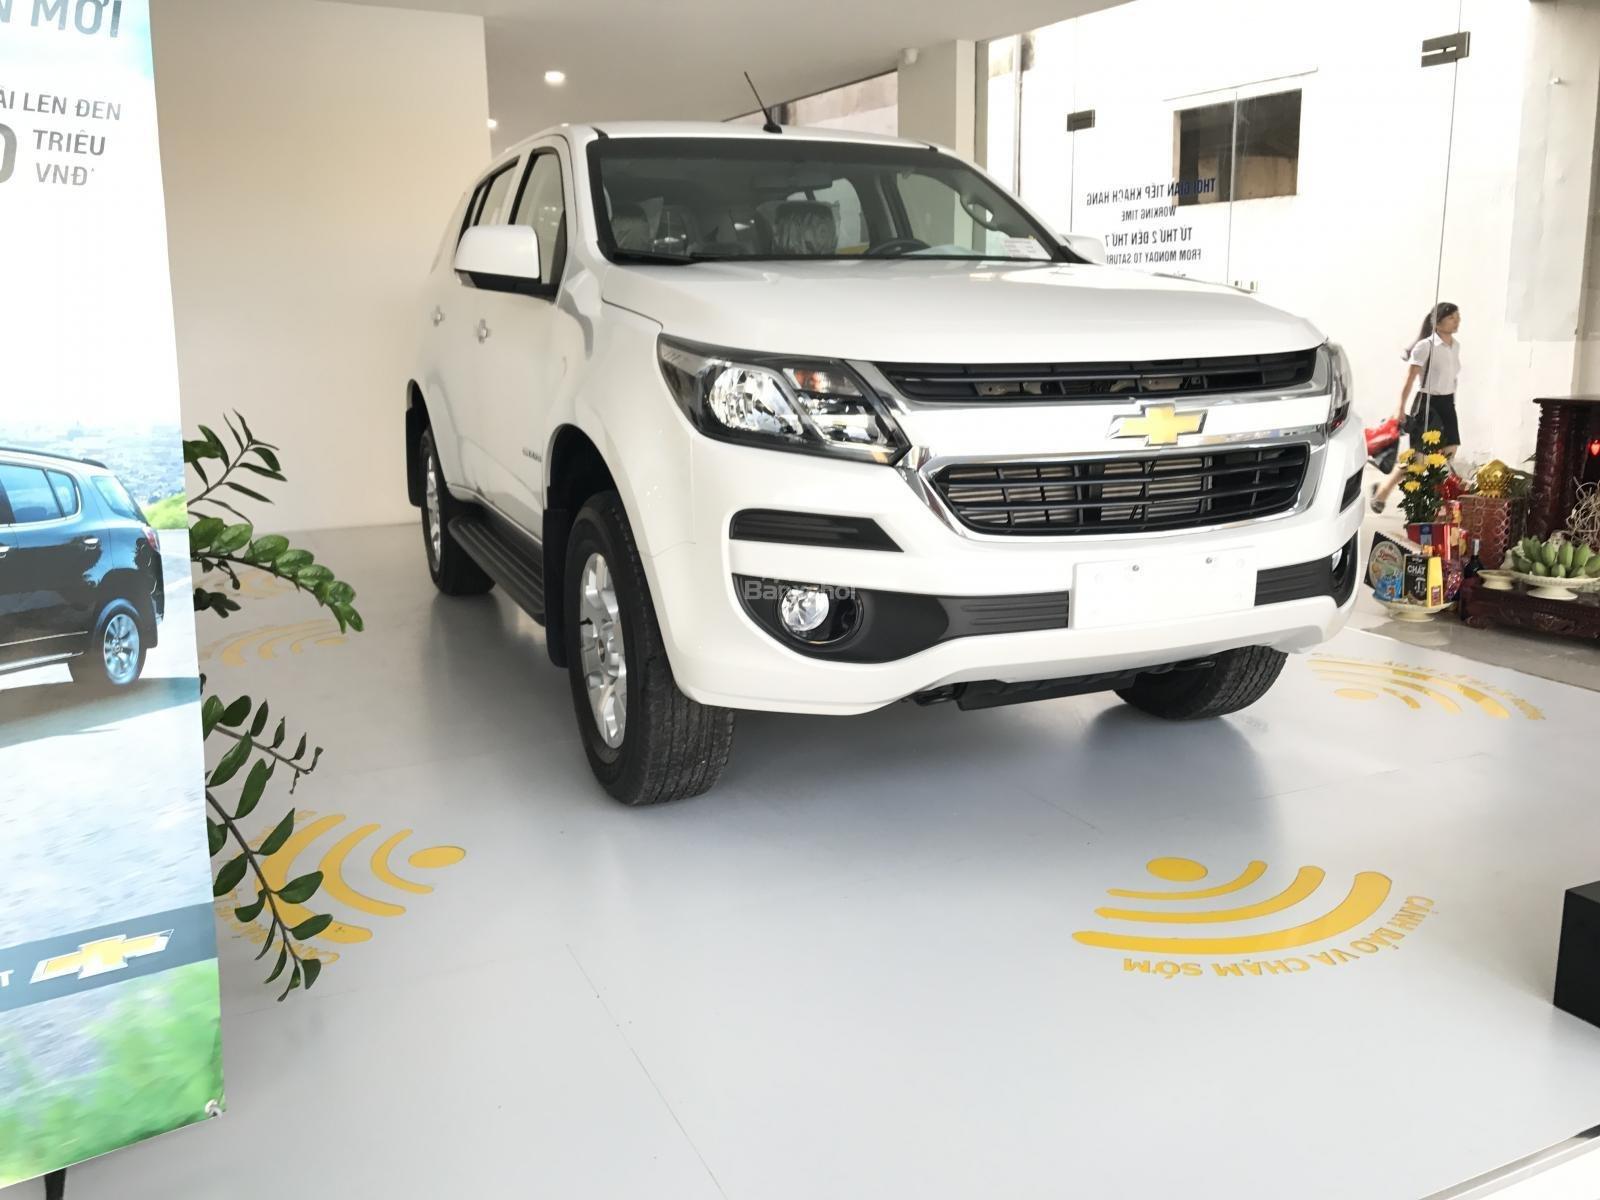 Cần bán Chevrolet Trailblazer 2.5L 4x2 MT LT, màu trắng, nhập khẩu, ưu đãi 30 triệu T12/2018-2